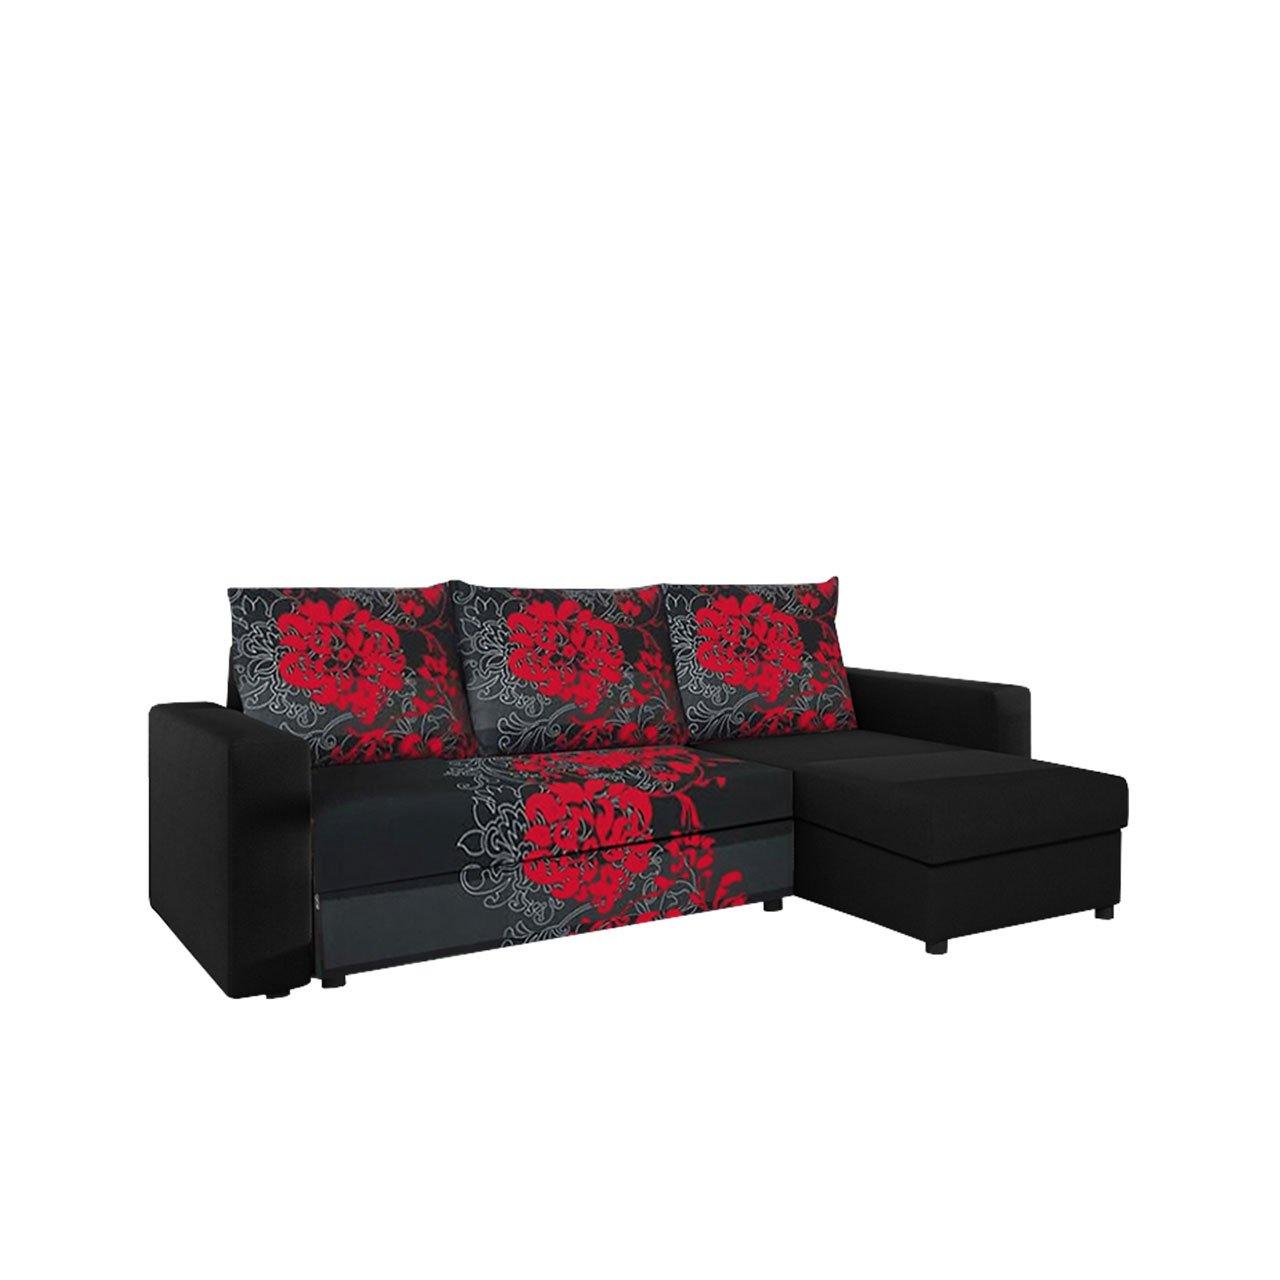 Mirjan24 Ecksofa Top Lux! Sofa Eckcouch Couch! mit Schlaffunktion ...